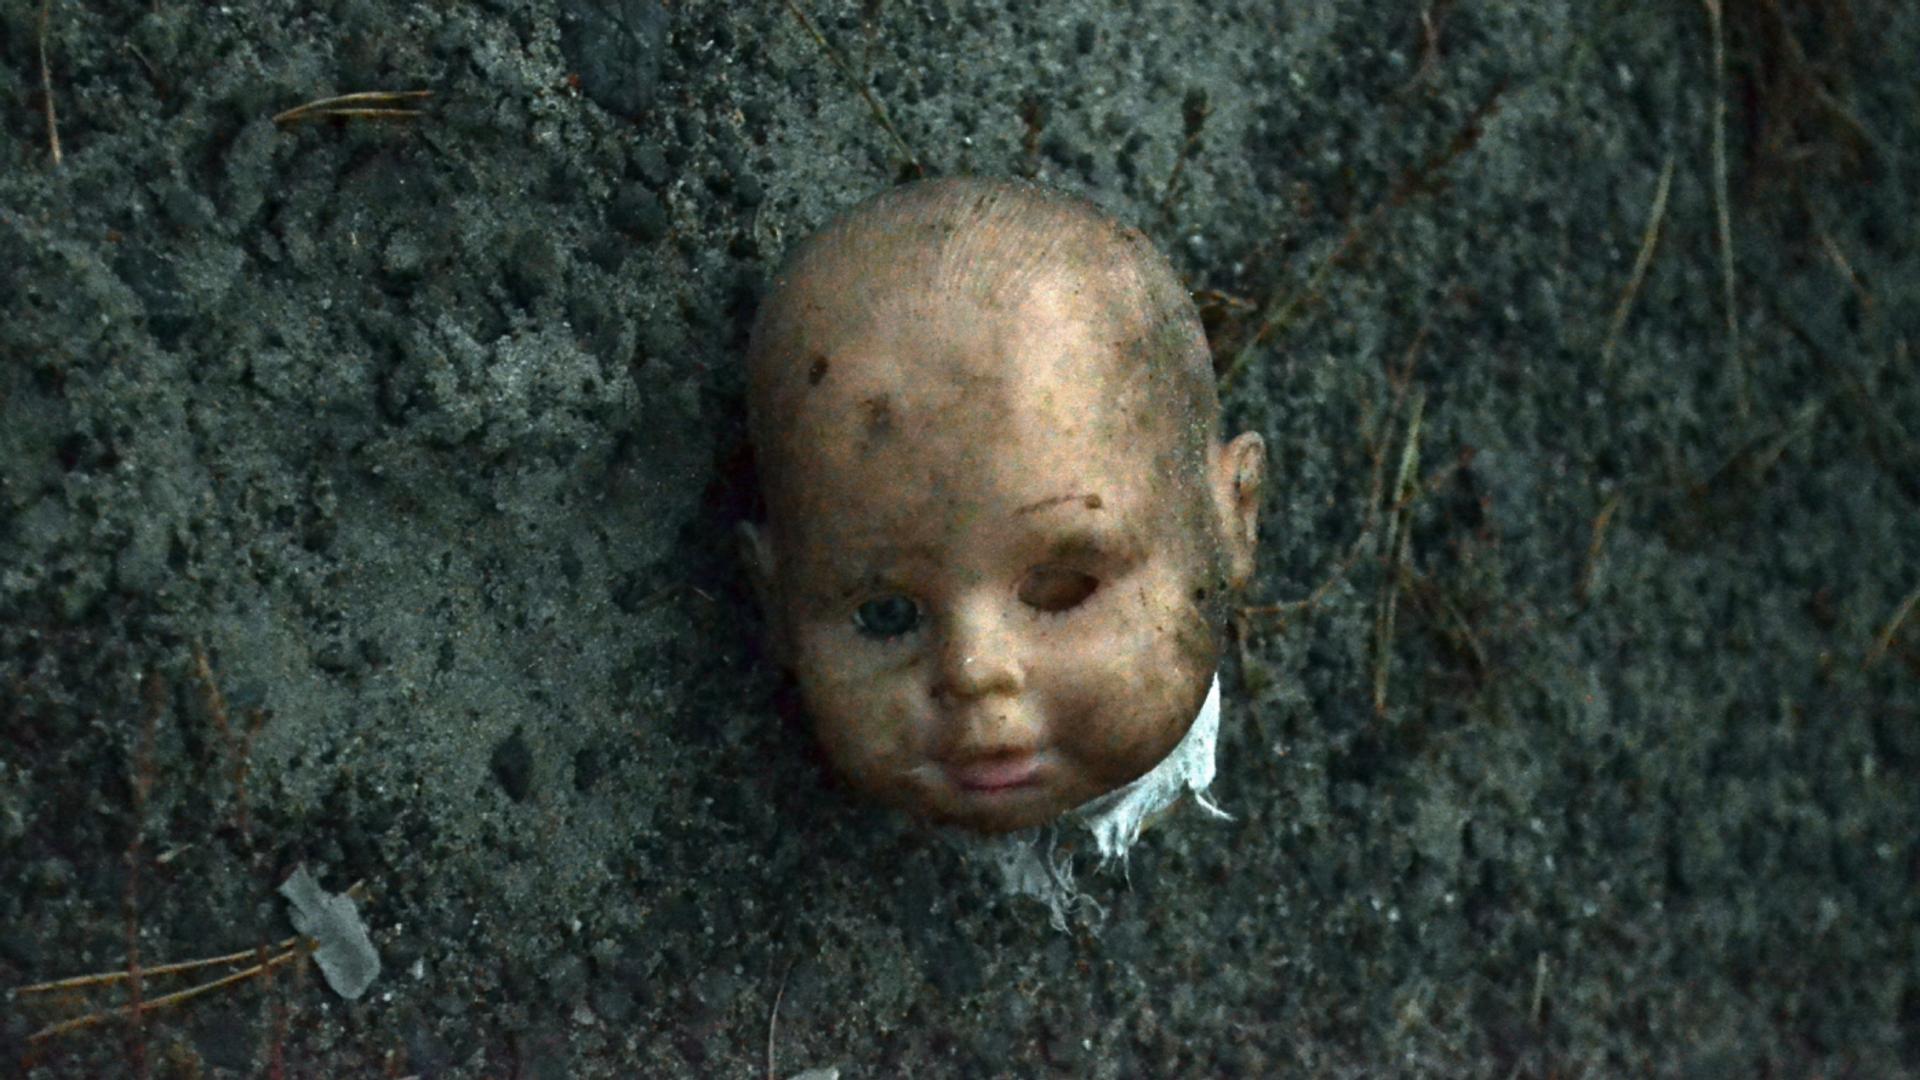 La cabeza de una muñeca, imagen ilustrativa - Sputnik Mundo, 1920, 18.09.2021